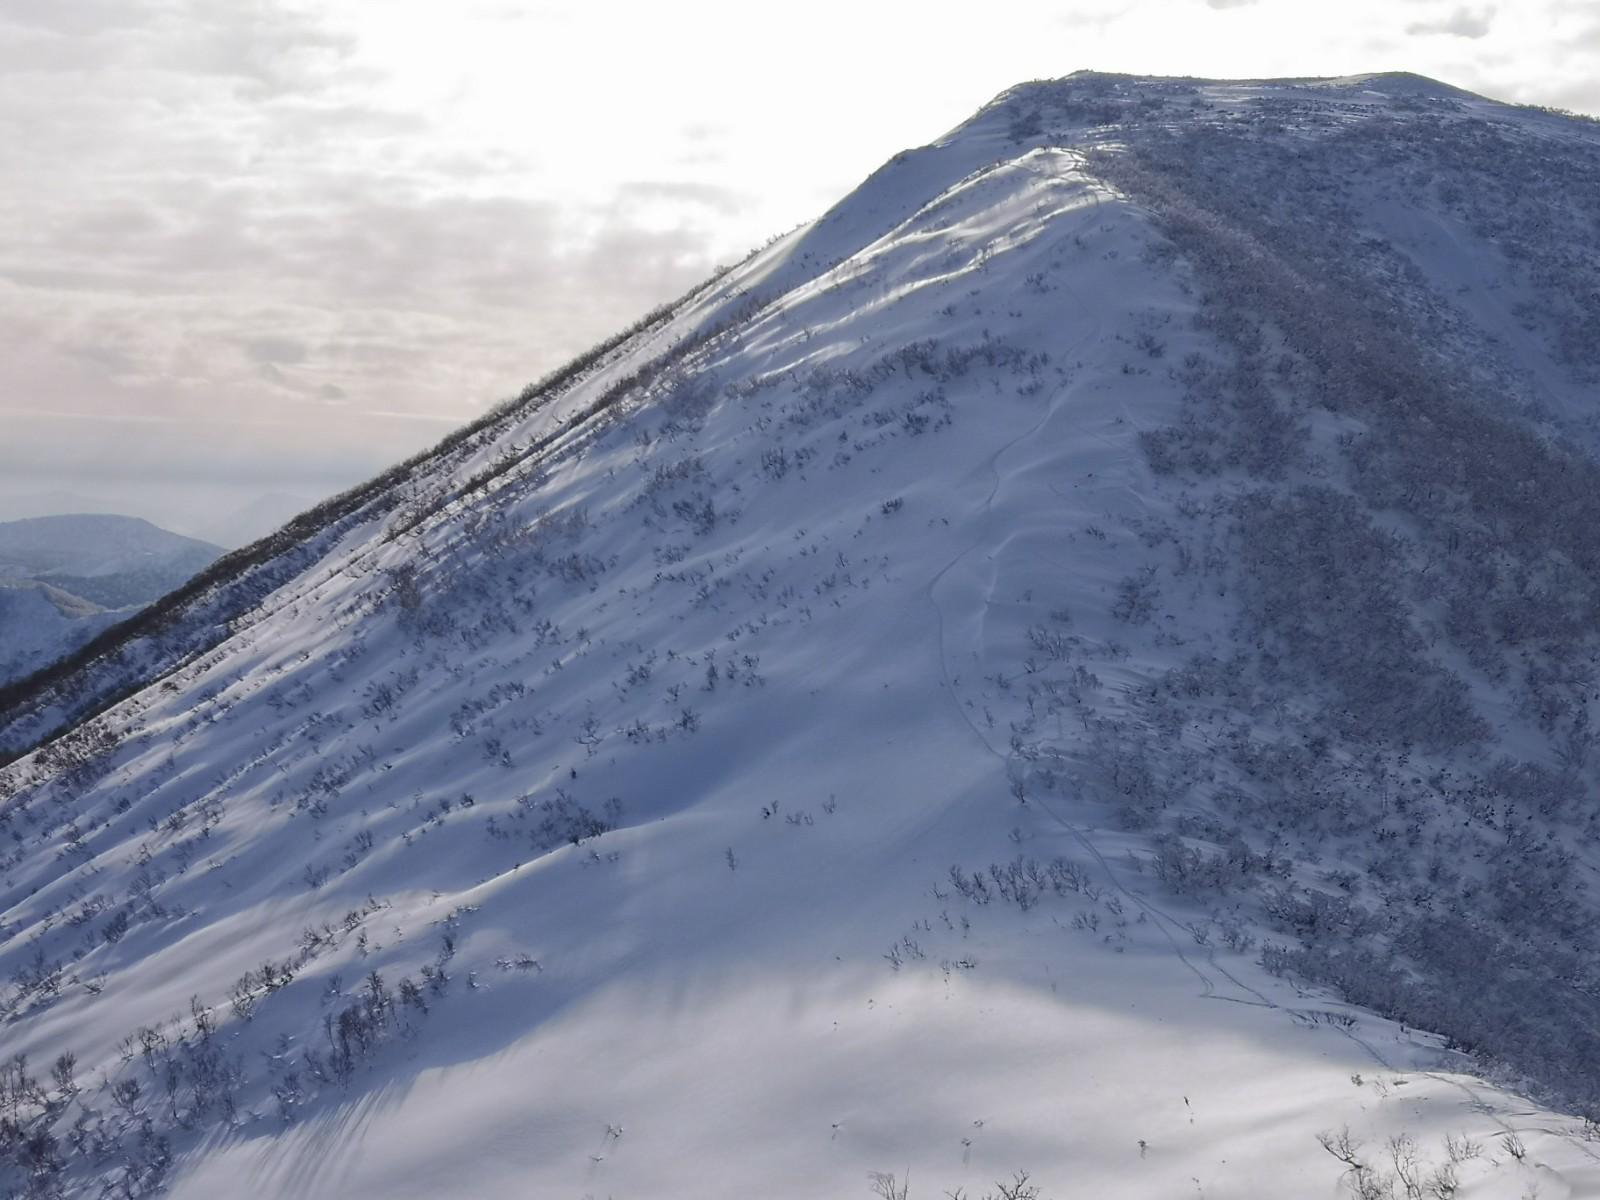 BCスキー 余市岳_d0198793_13505805.jpg